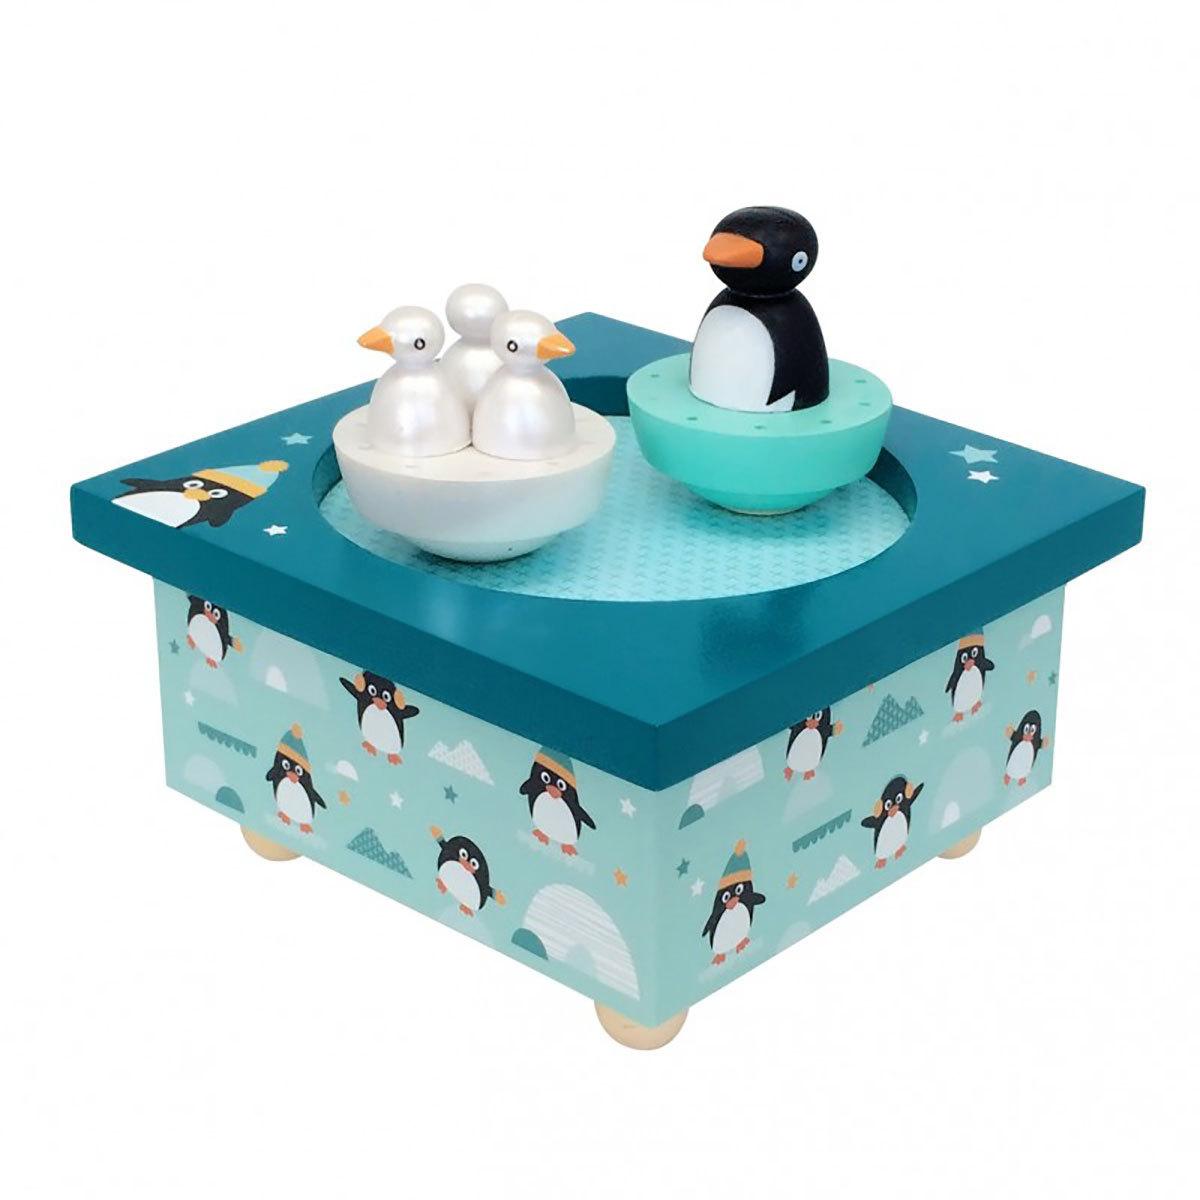 Boîte à musique Boîte à Musique Dancing Pingouin Boîte à Musique Dancing Pingouin